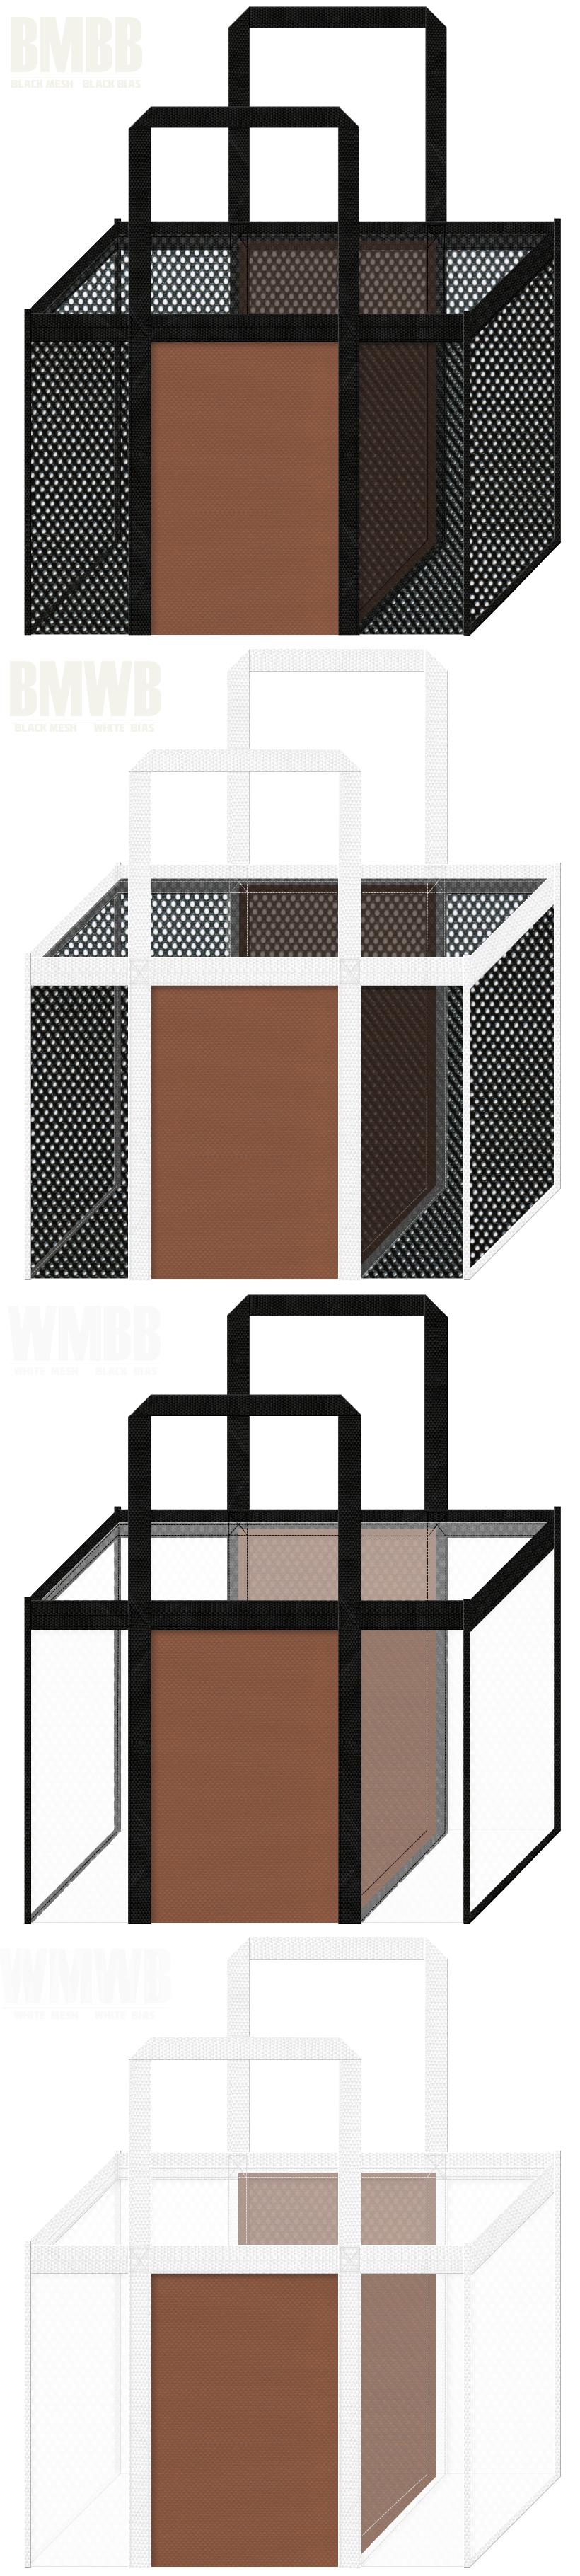 角型メッシュバッグのカラーシミュレーション:黒色・白色メッシュと茶色不織布の組み合わせ